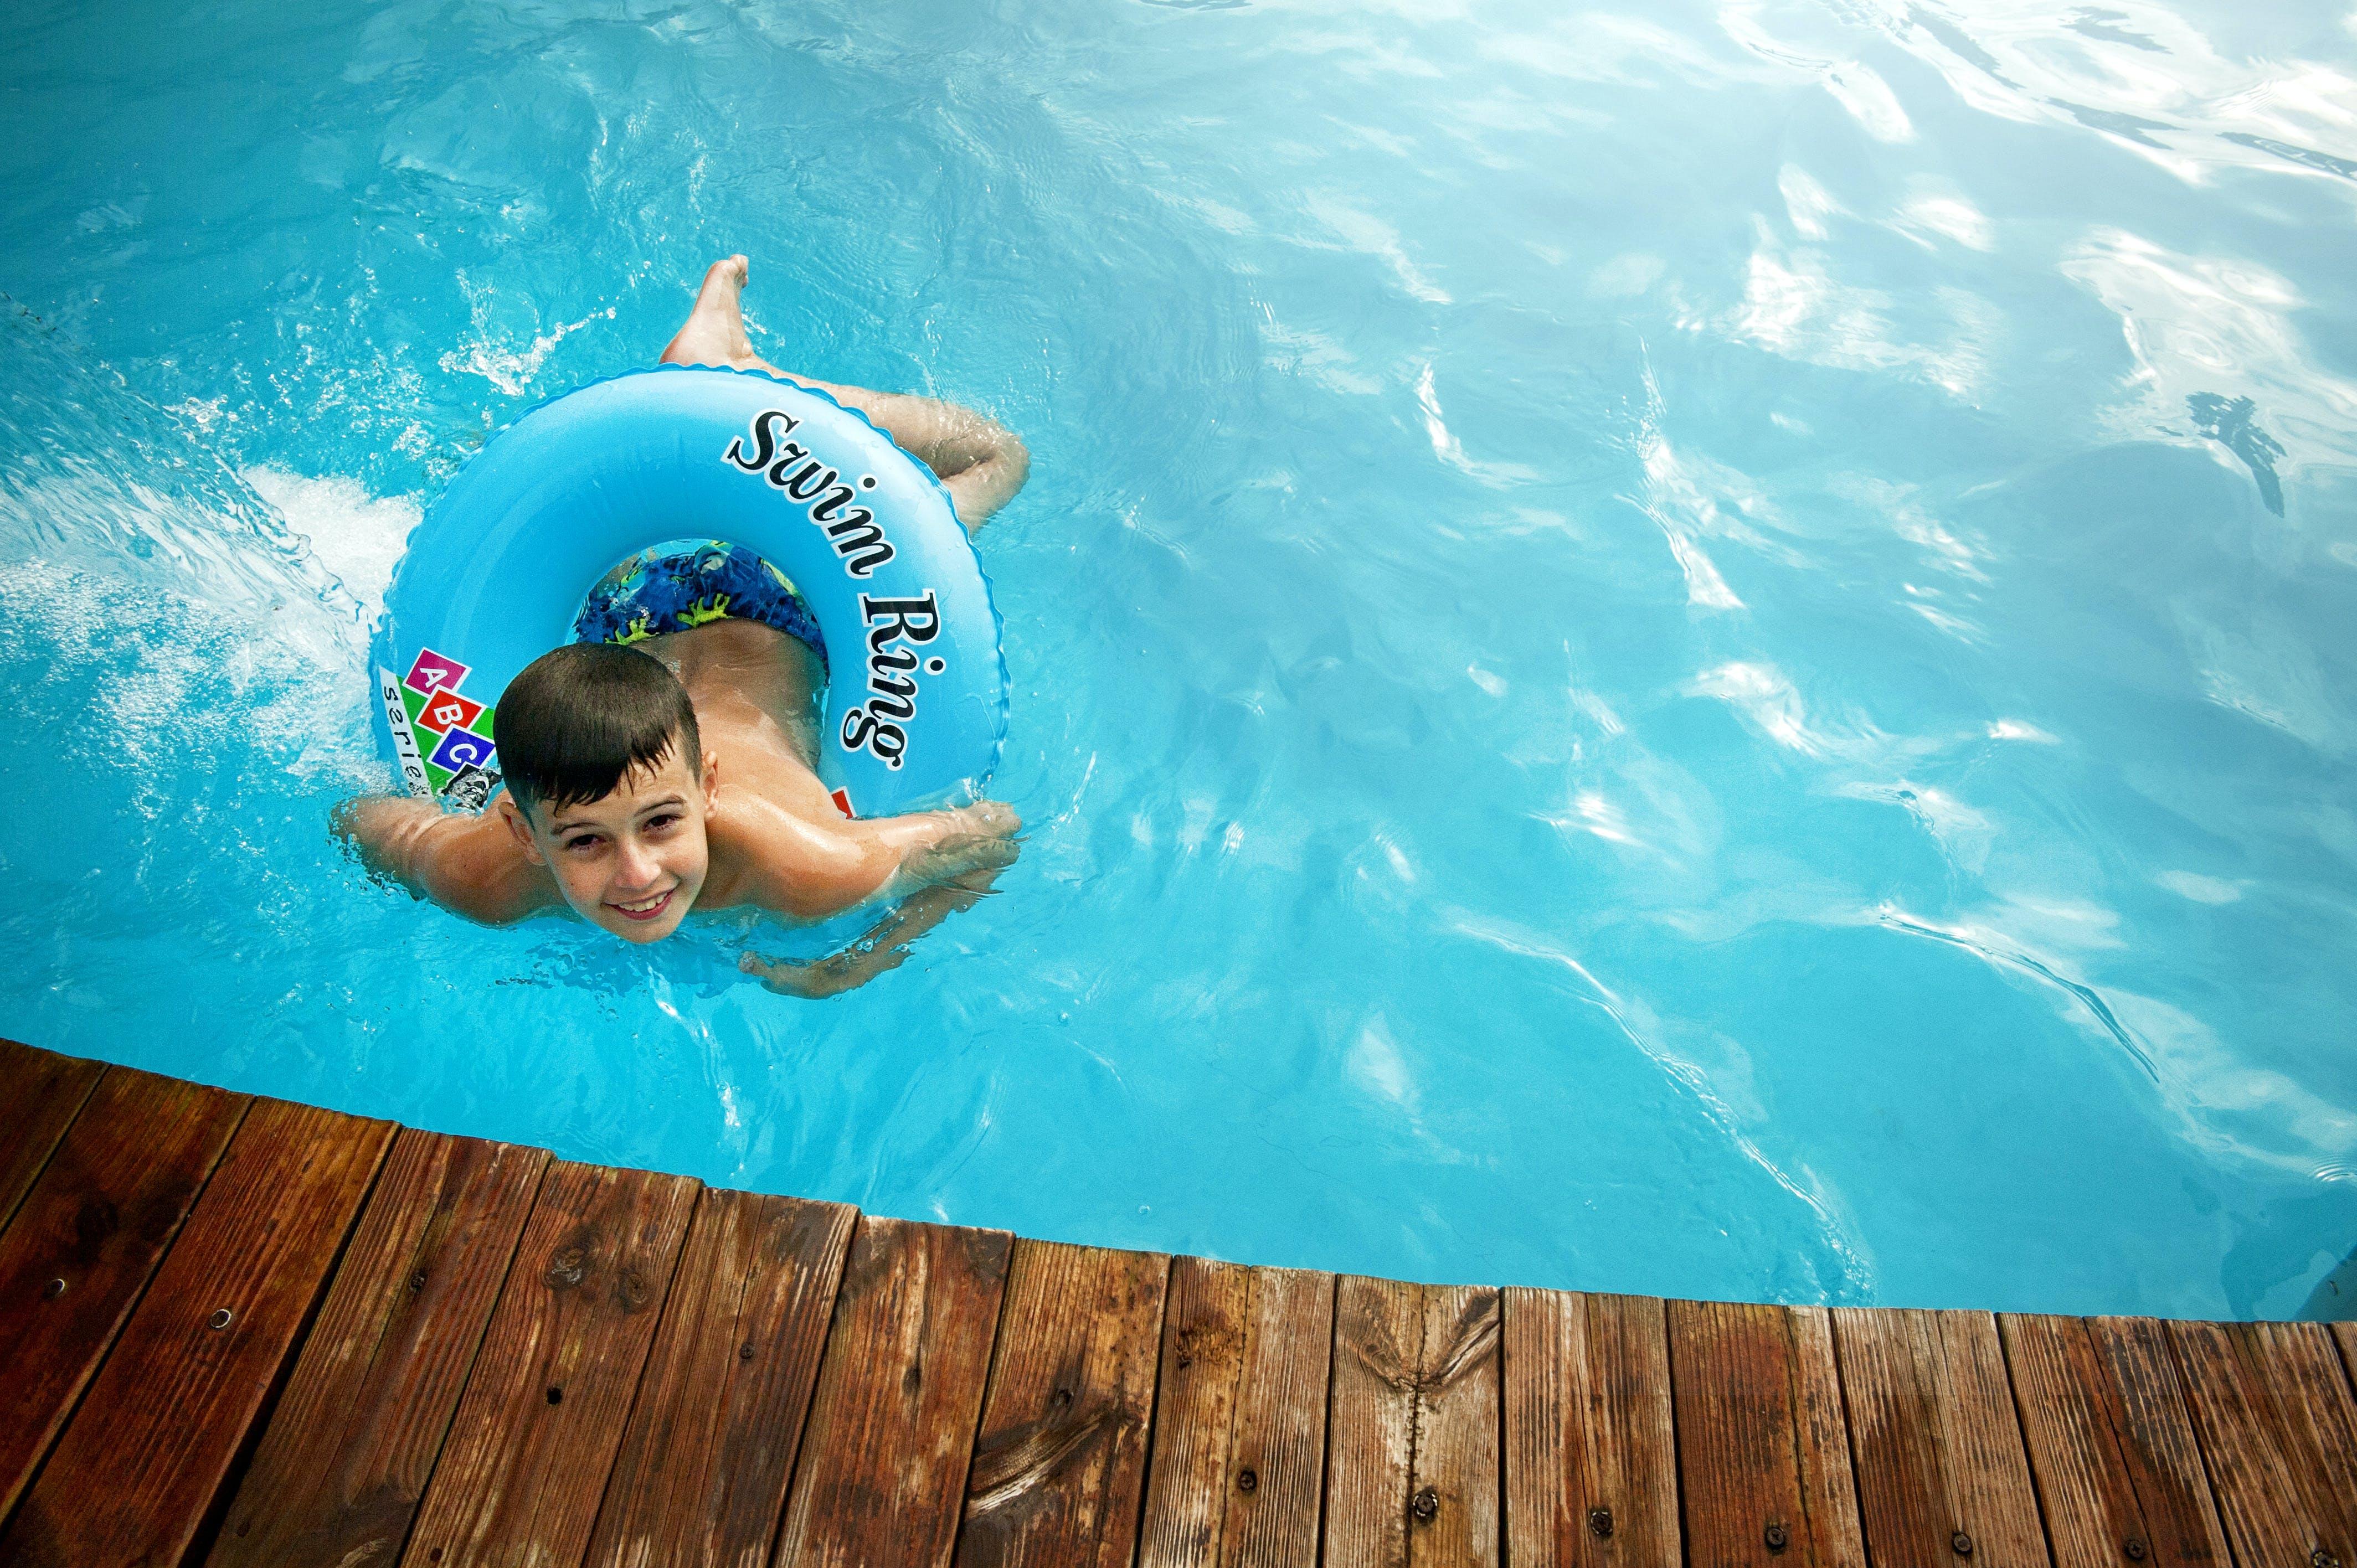 Kostenloses Stock Foto zu baden, badeort, blaues wasser, draußen